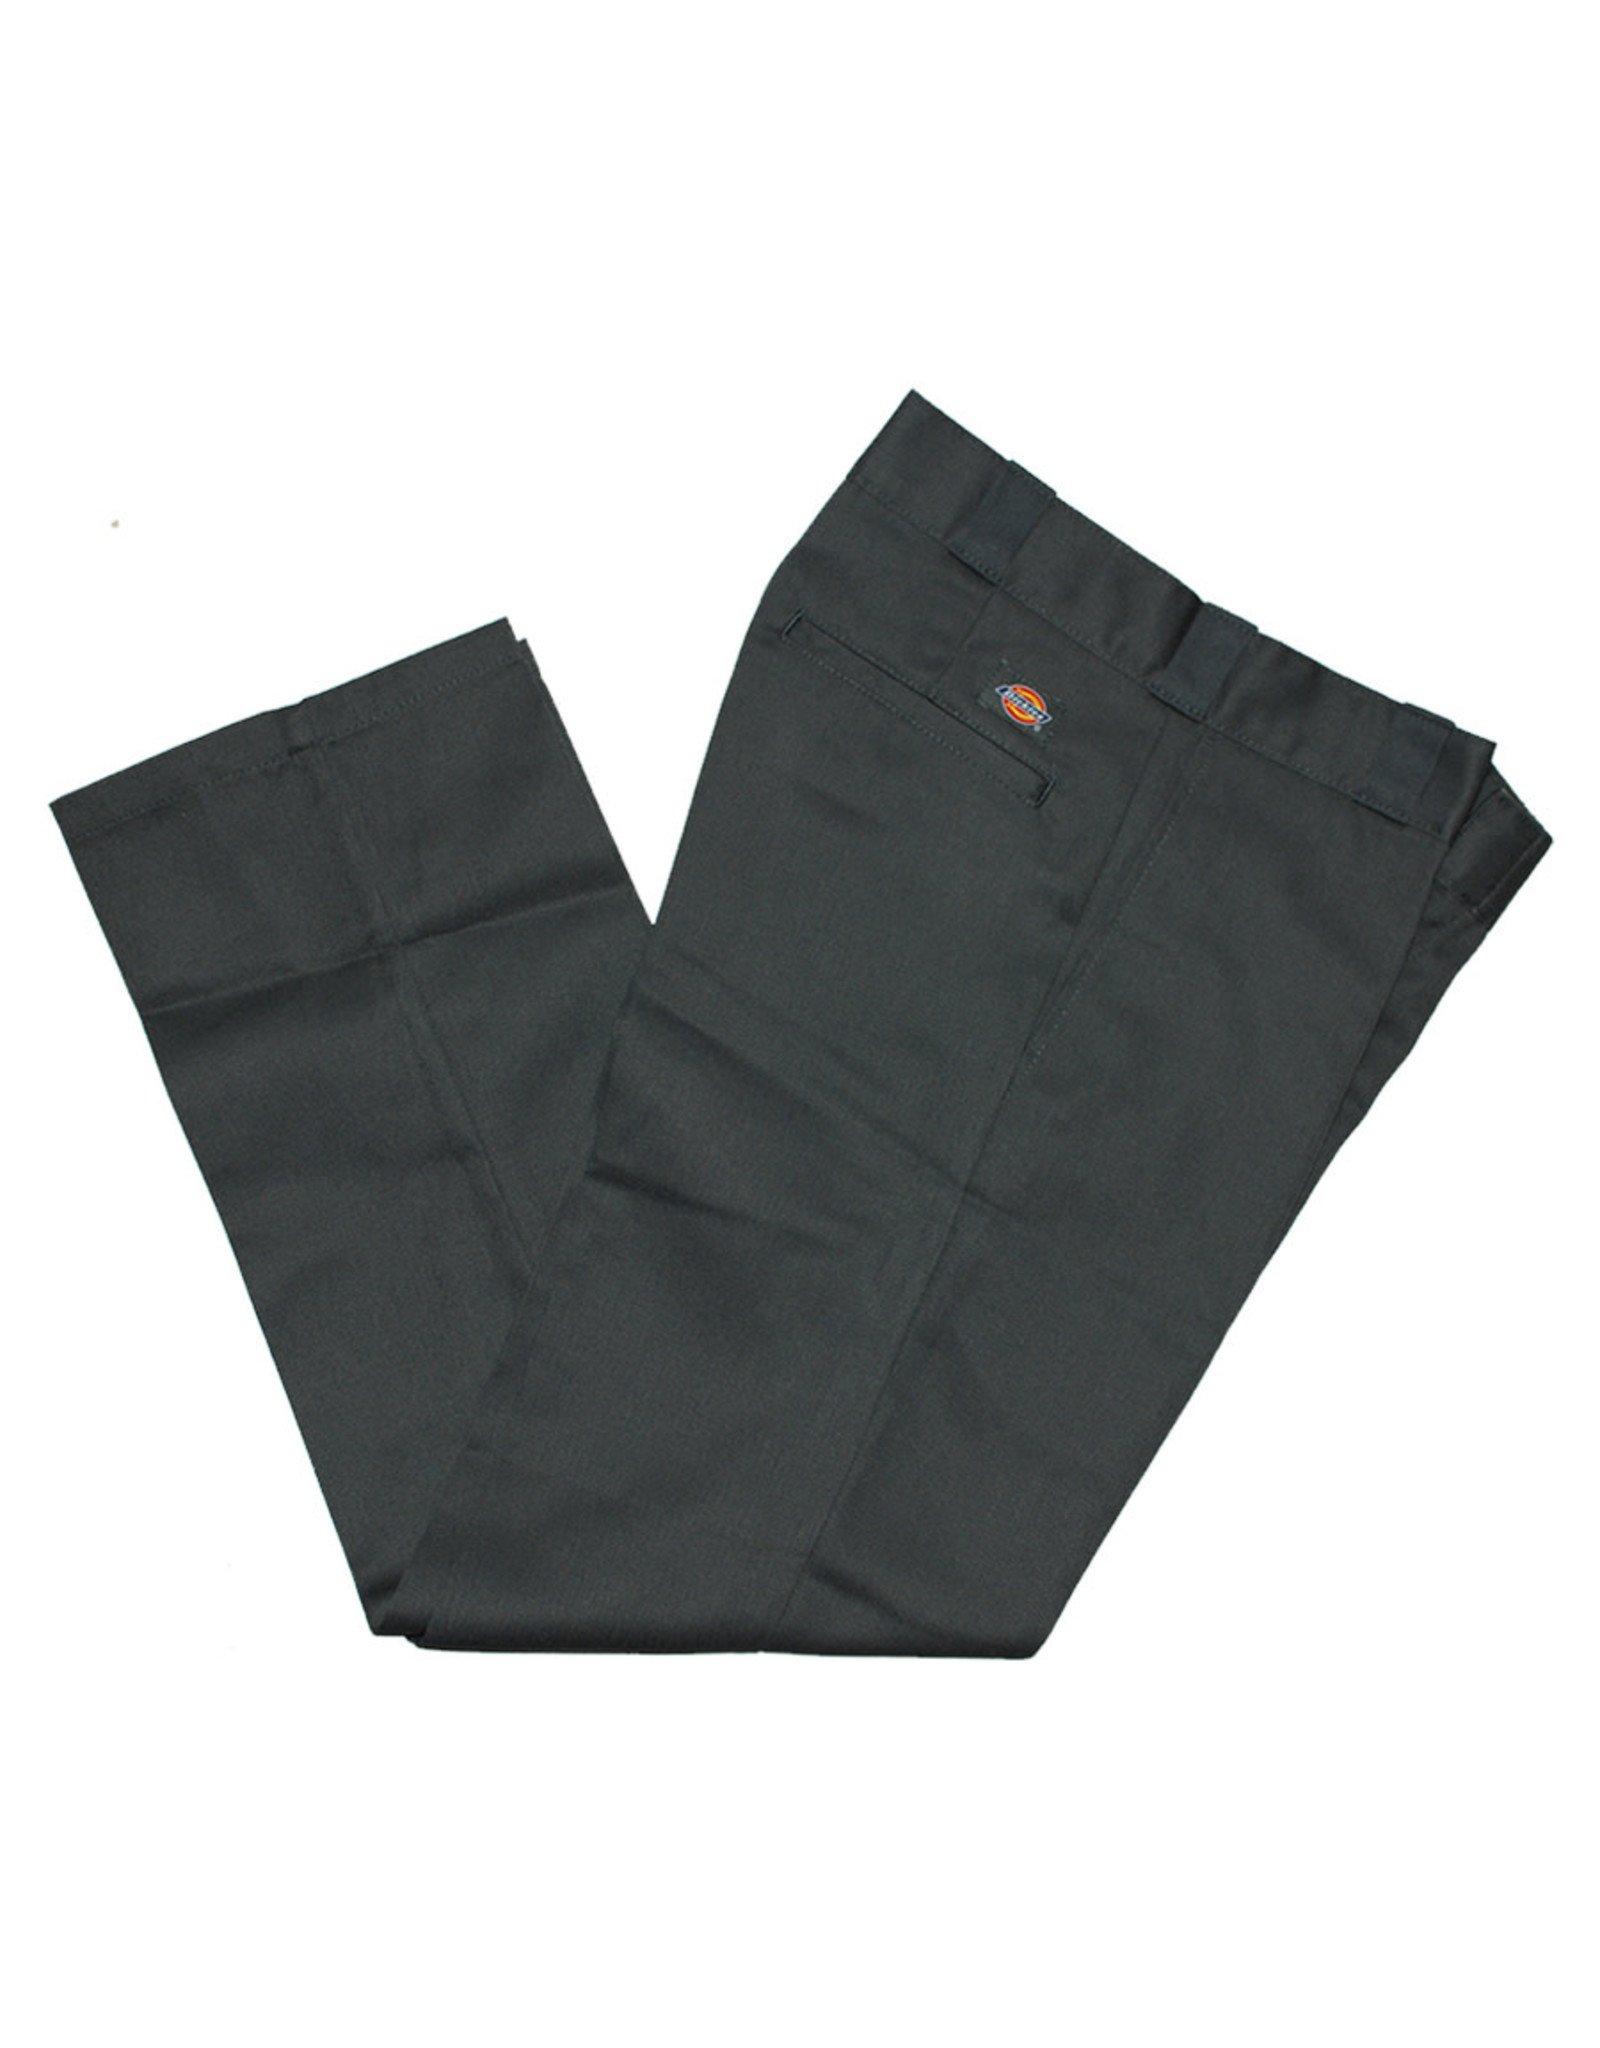 Dickies Dickies Pants 874 Original Chino (Charcoal)